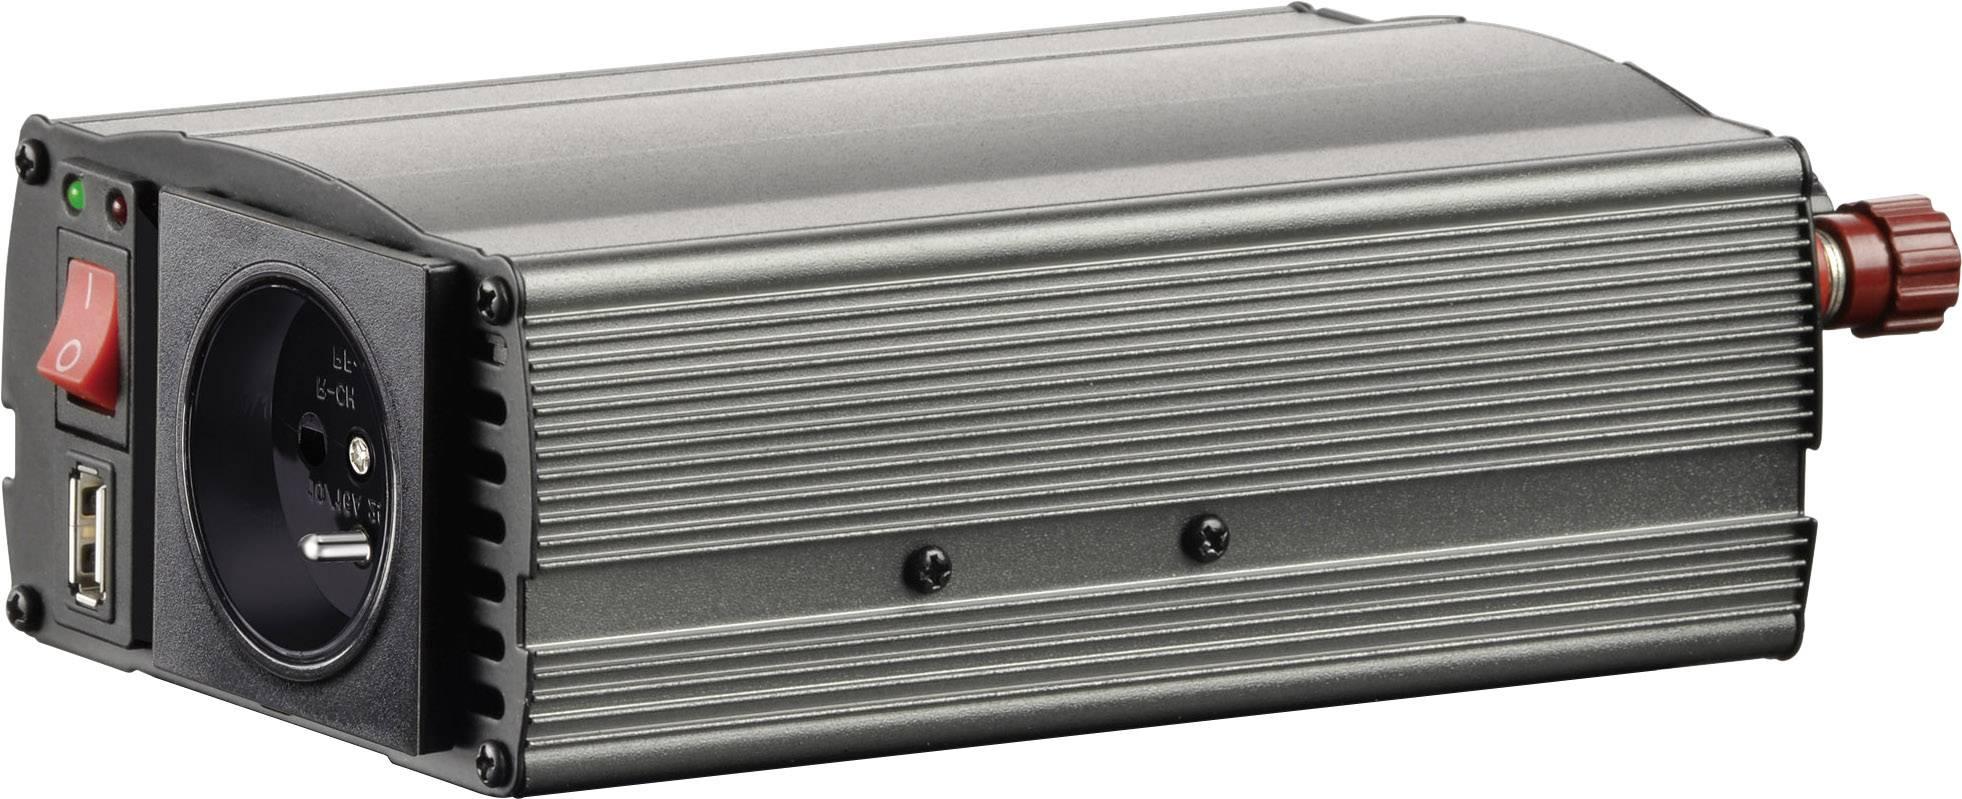 Měnič napětí Voltcraft MSW 300-24-F, USB, , CZ zásuvka